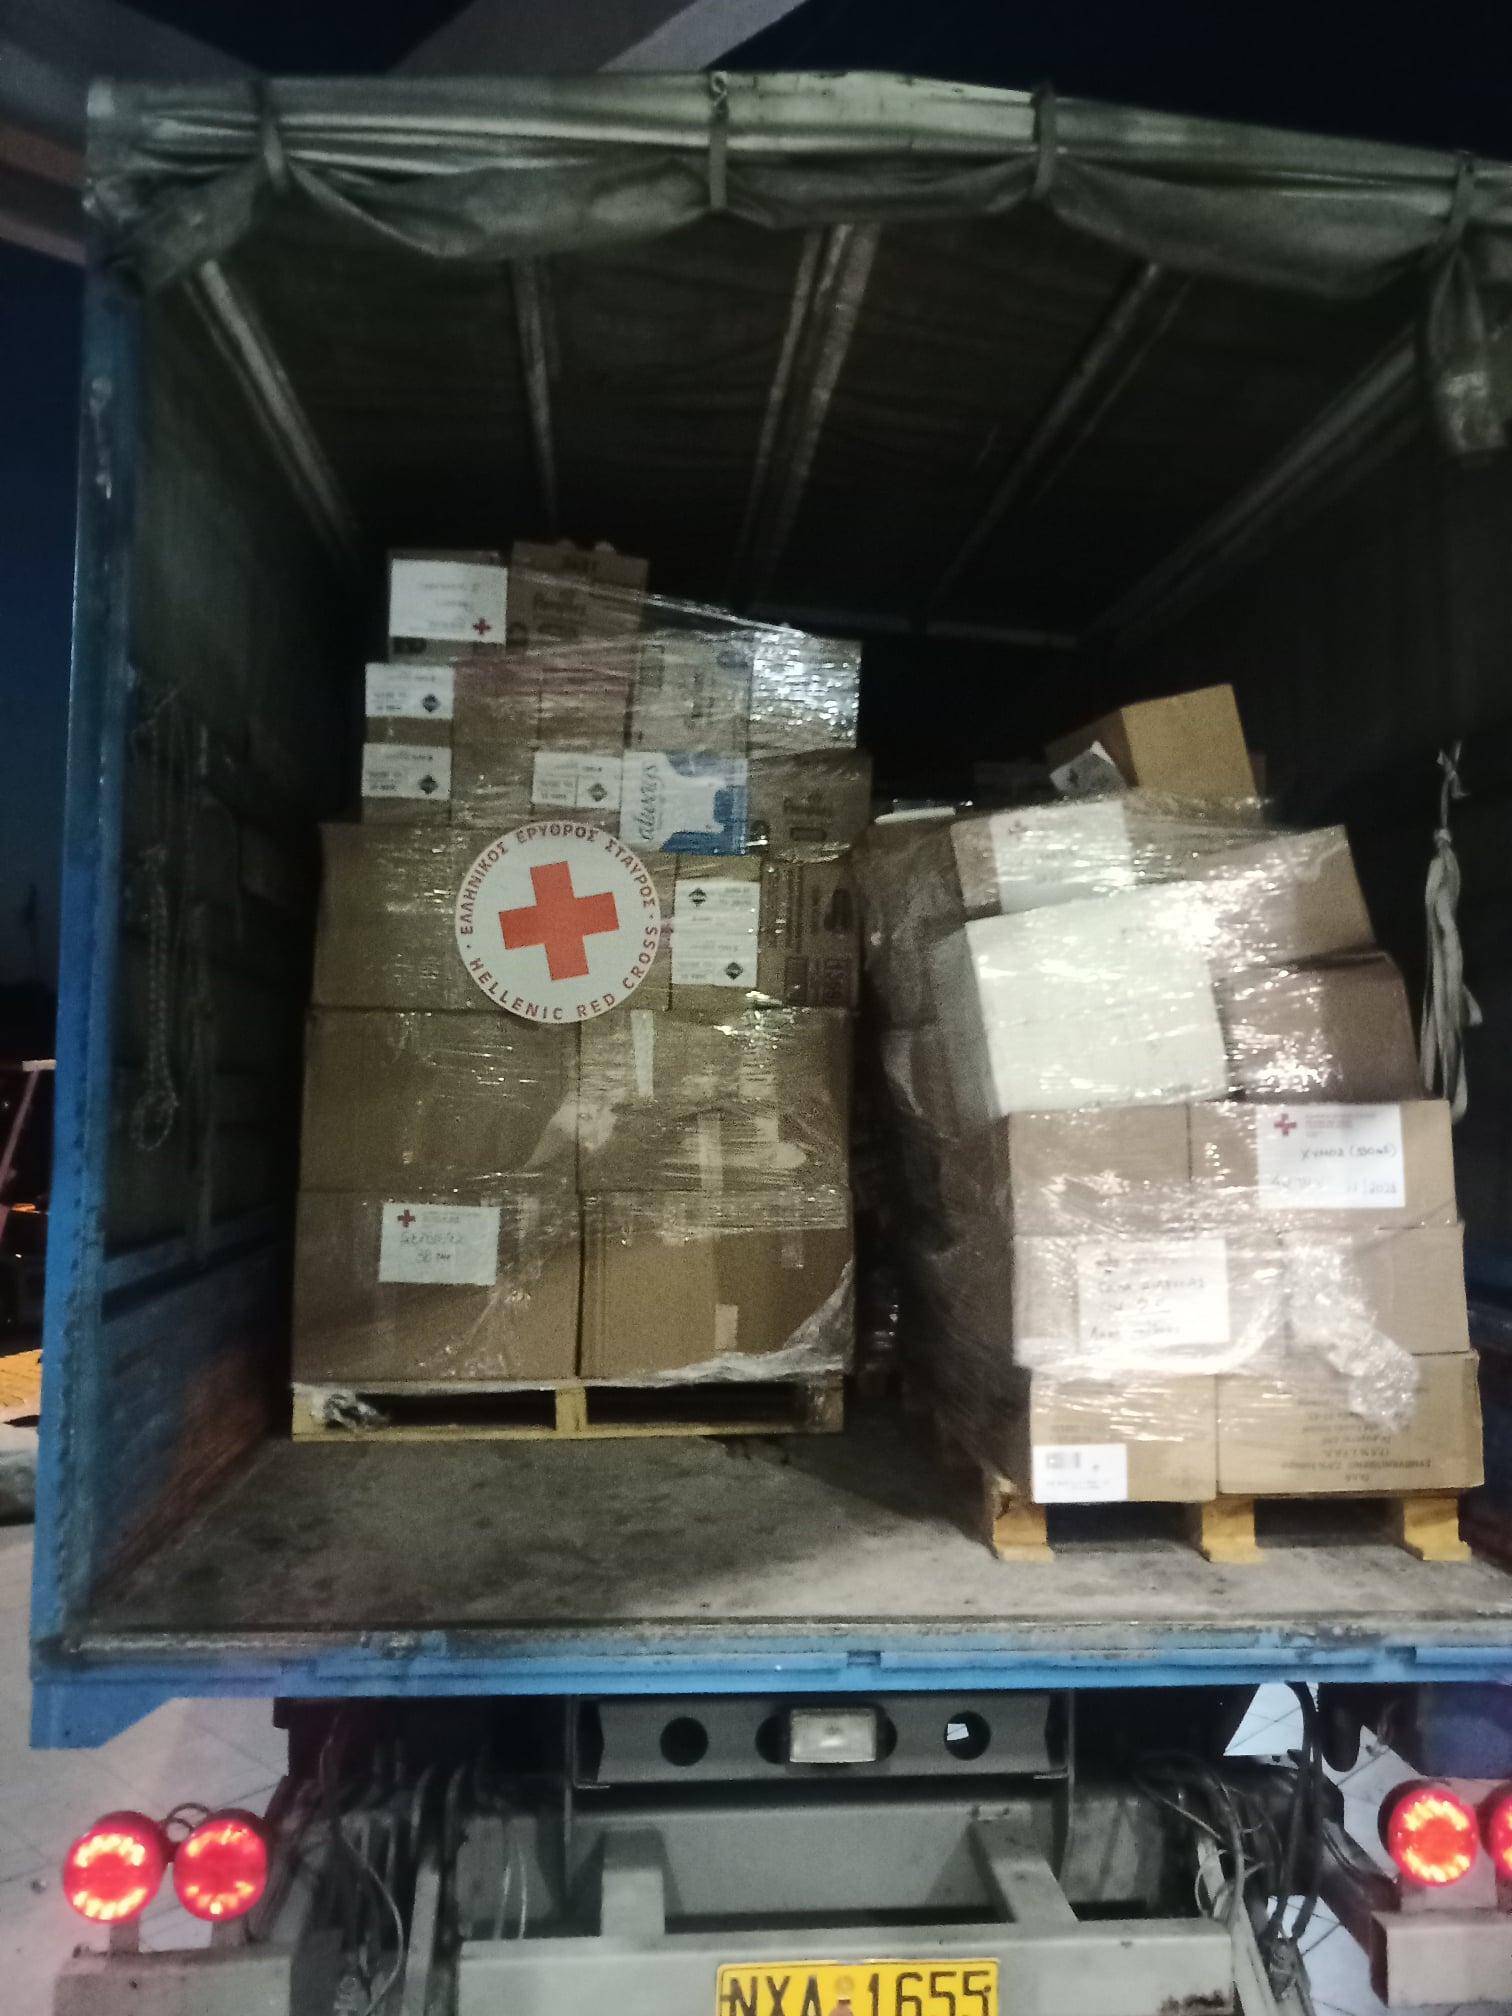 Πύργος: Τρία φορτηγά με νερά και είδη πρώτης ανάγκης για τους πυρόπληκτους της Ηλείας από τον Ελληνικό Ερυθρό Σταυρό